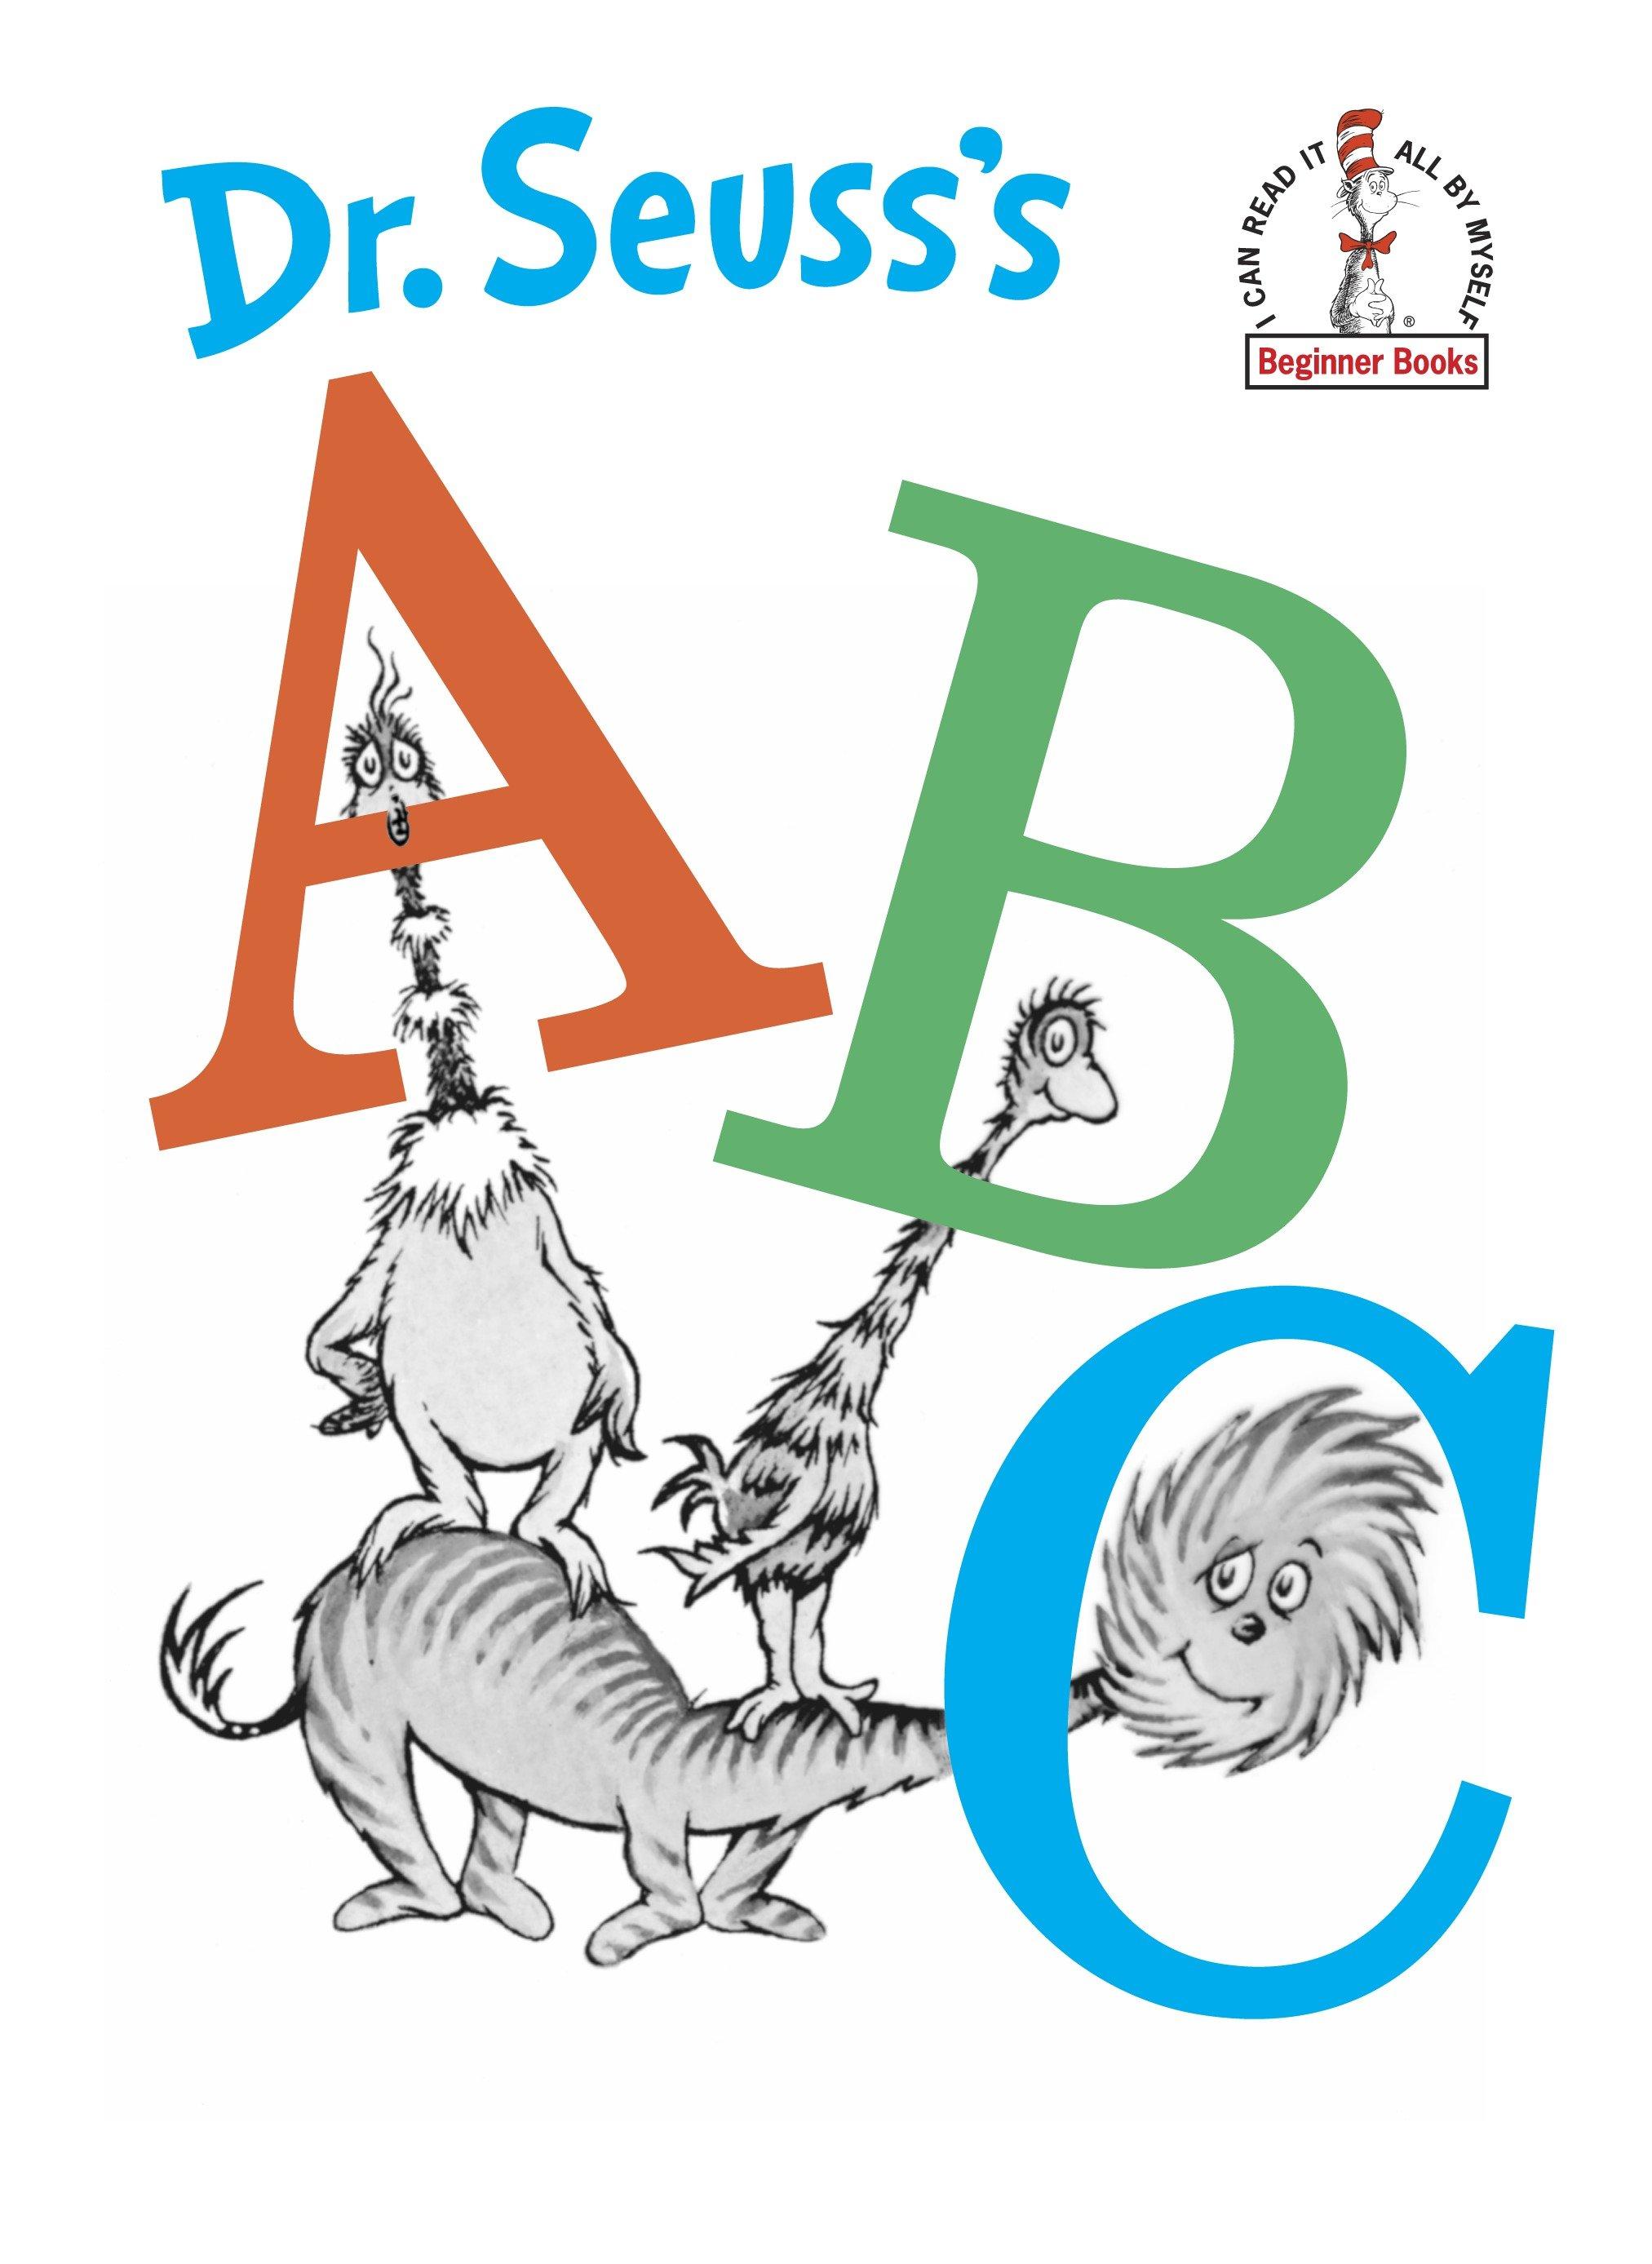 Dr. Seuss's ABC cover image